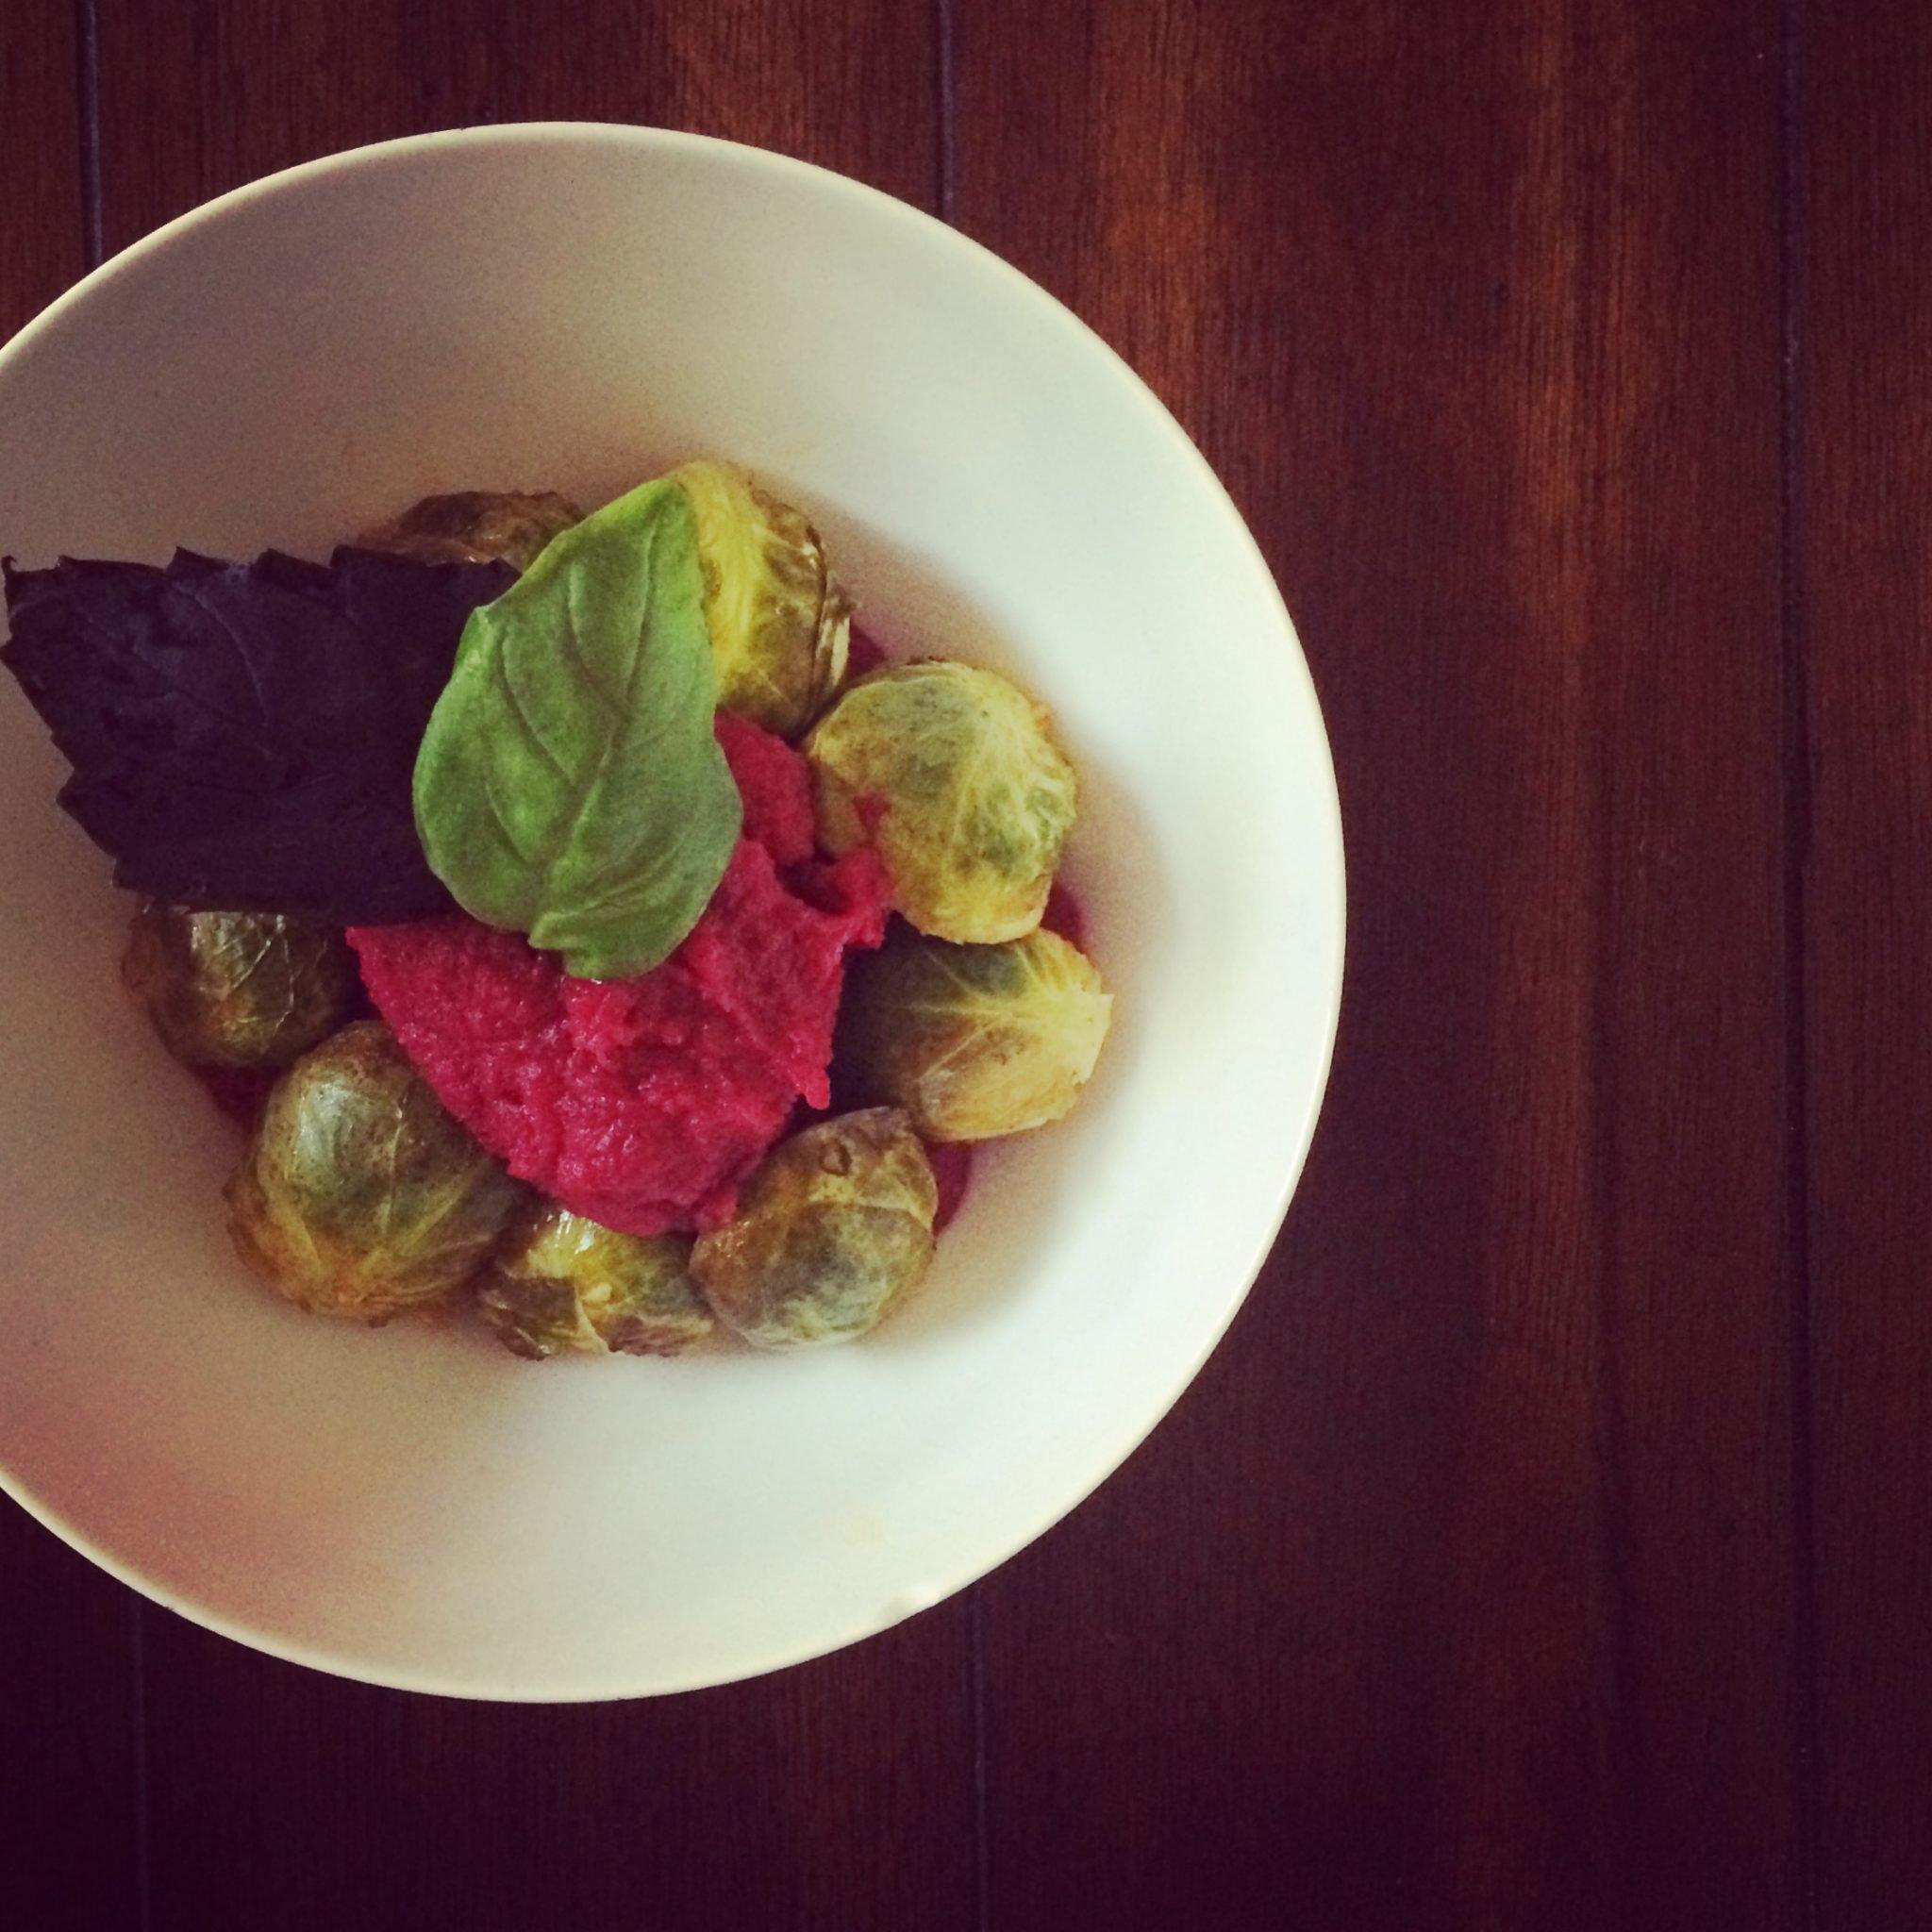 Cauliflower & Beet Mashup